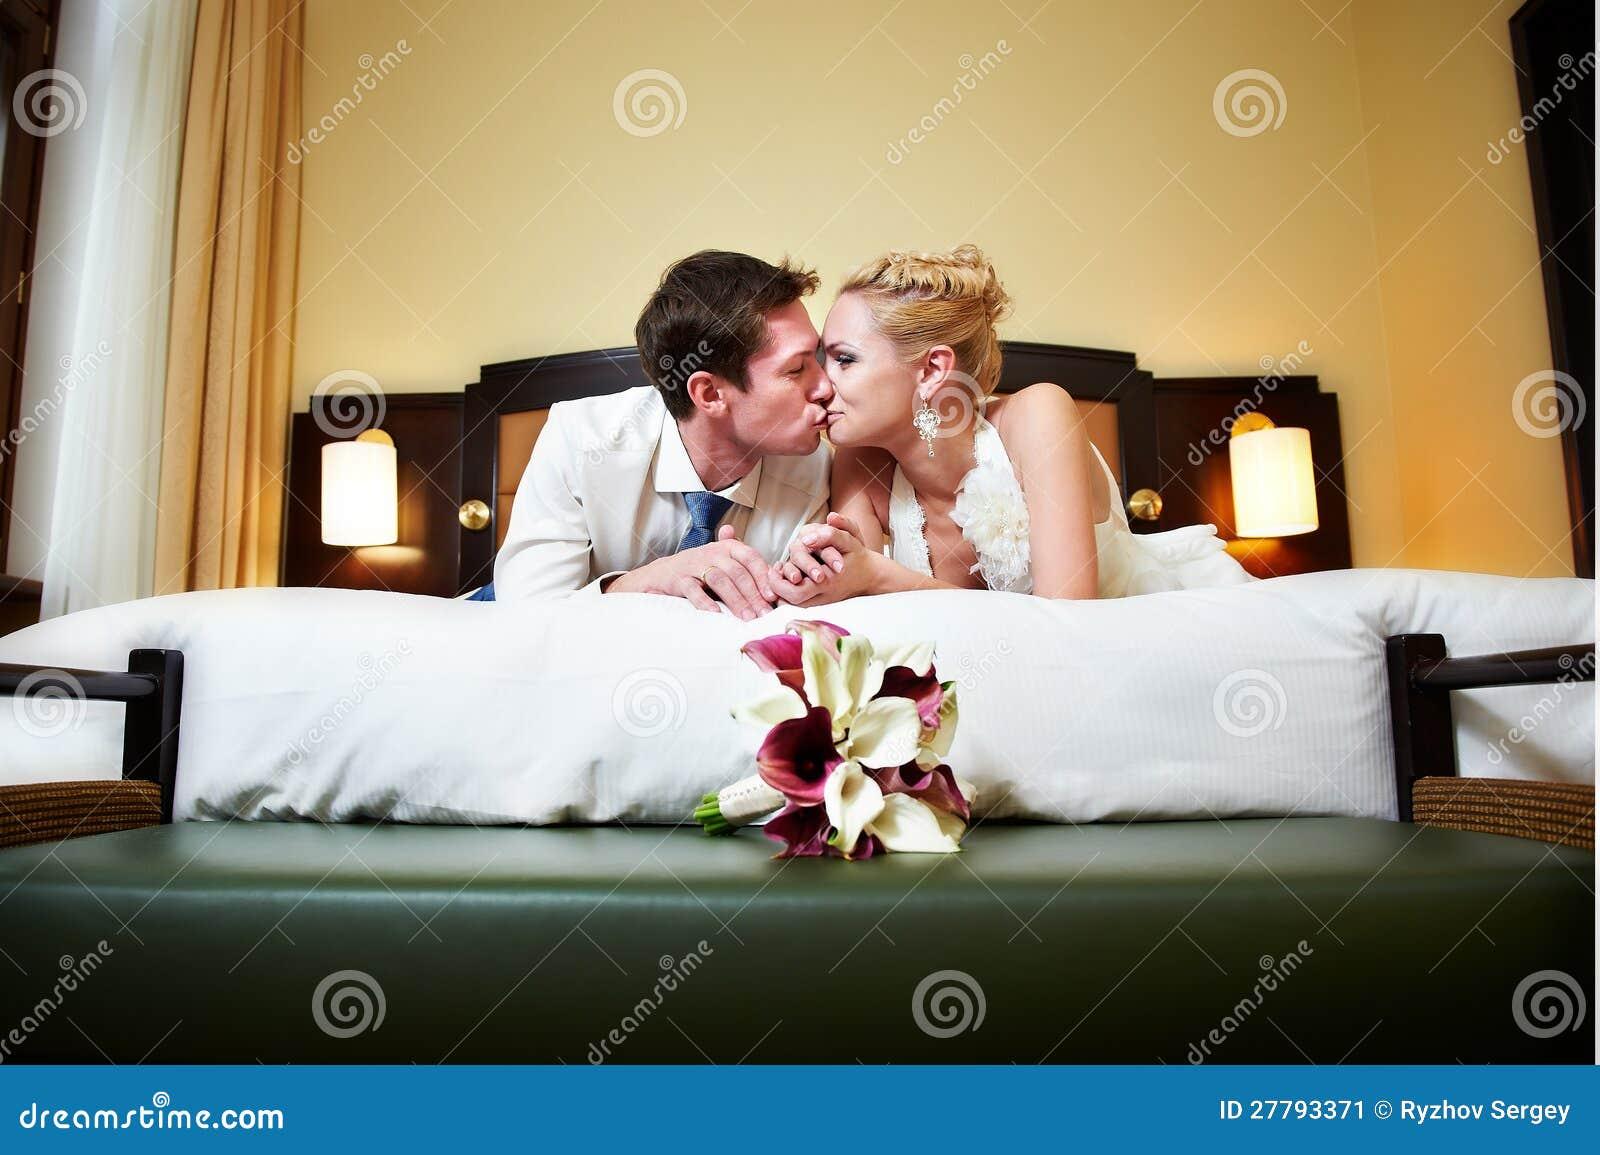 Romantische kus gelukkige bruid en bruidegom in slaapkamer stock ...